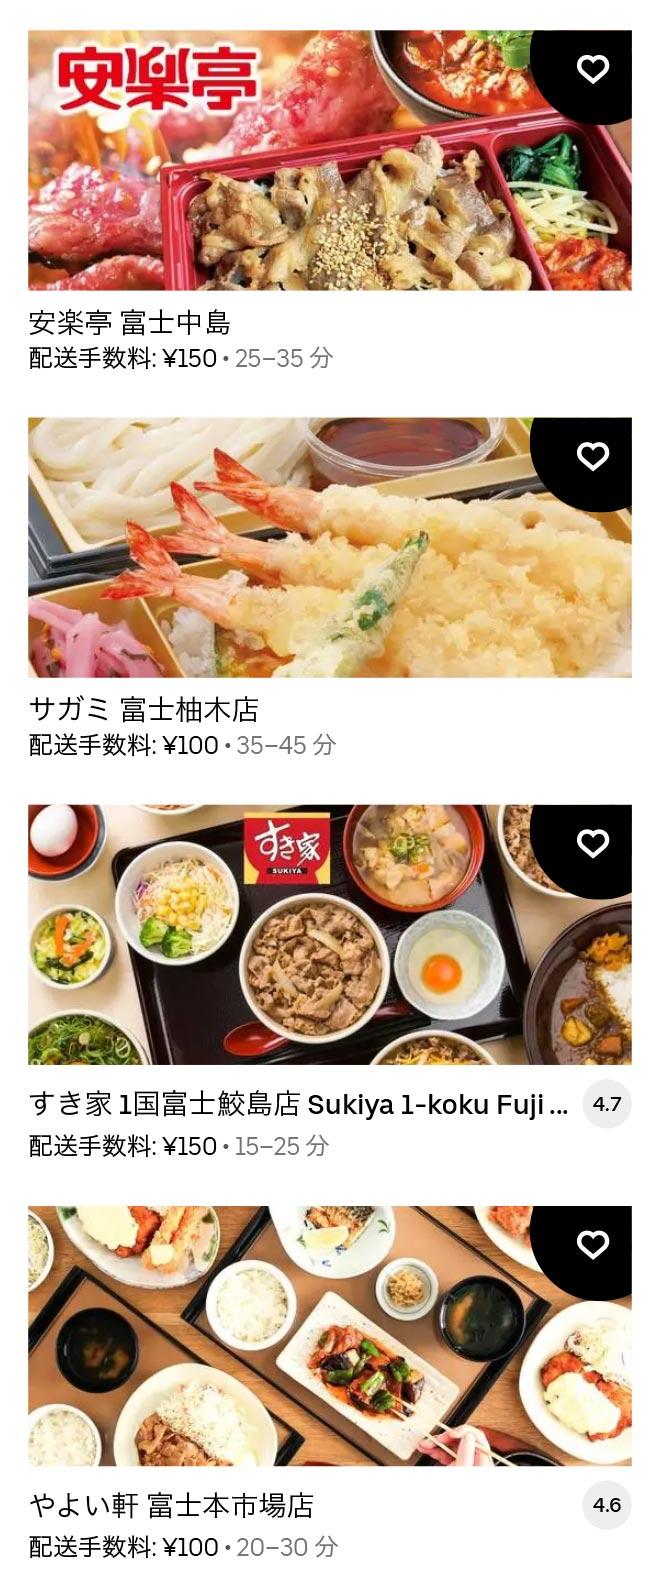 U fuji menu 2104 07